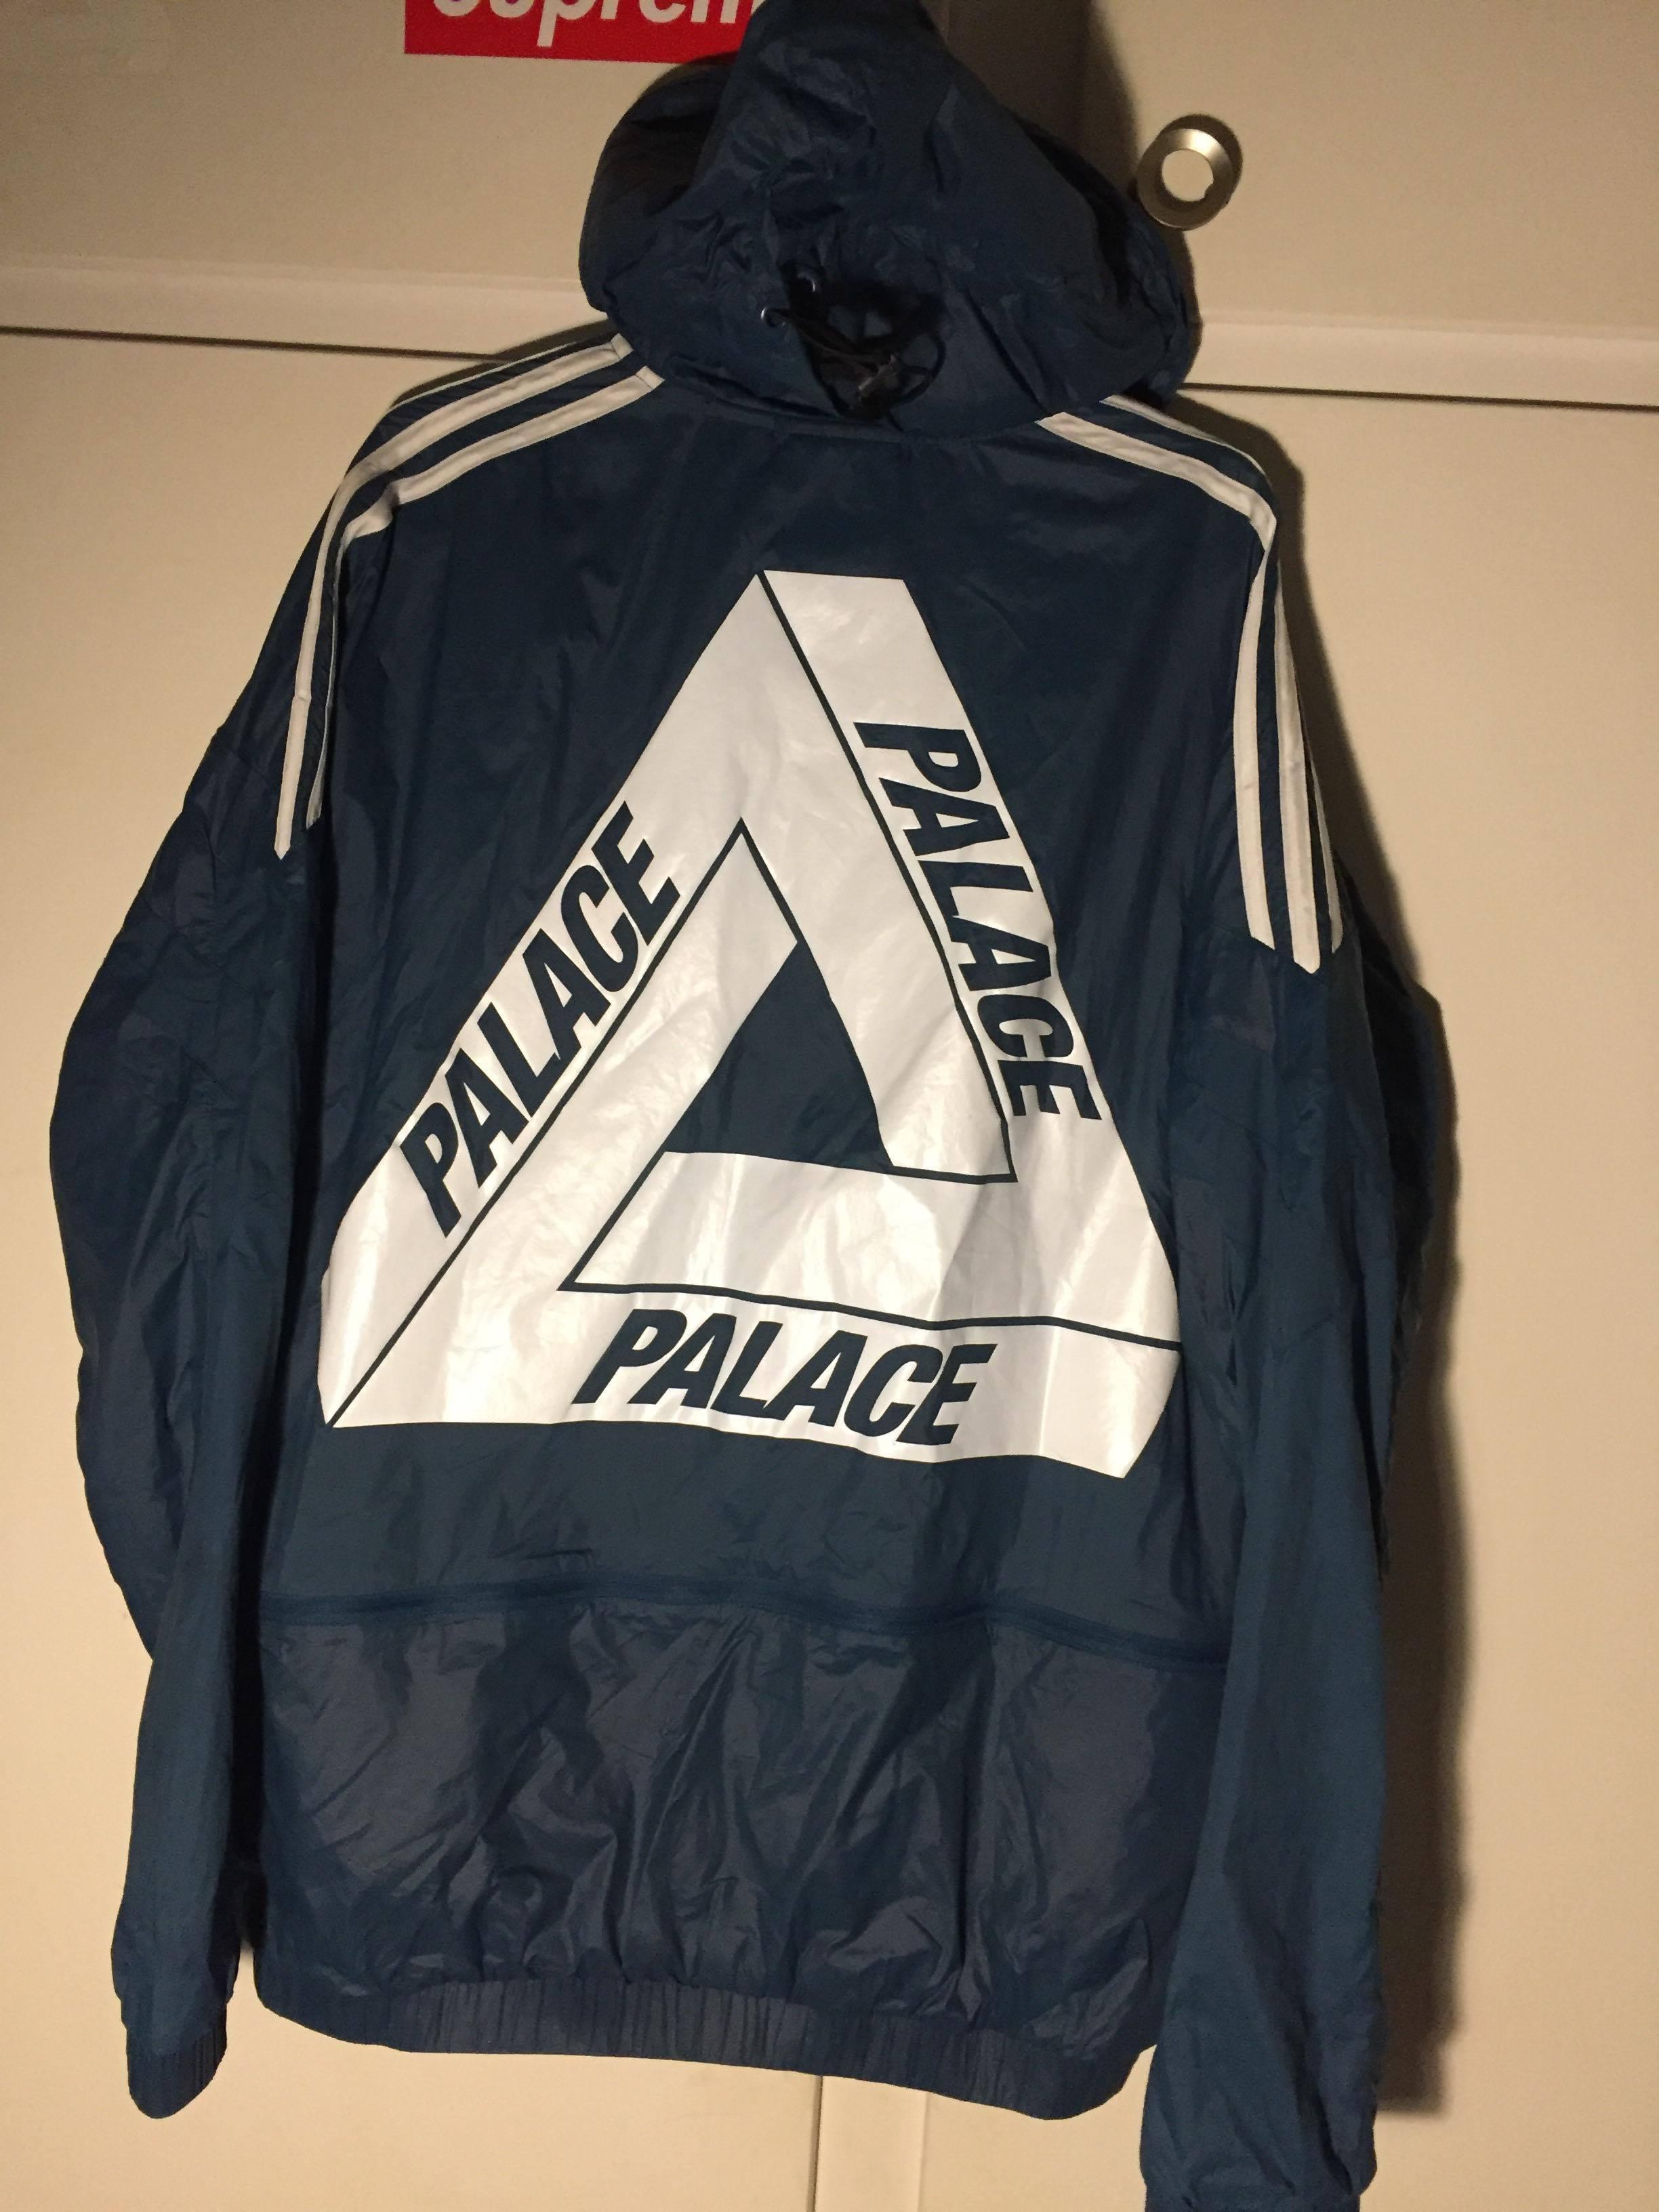 Palace x Adidas Jacket Surf Petrol